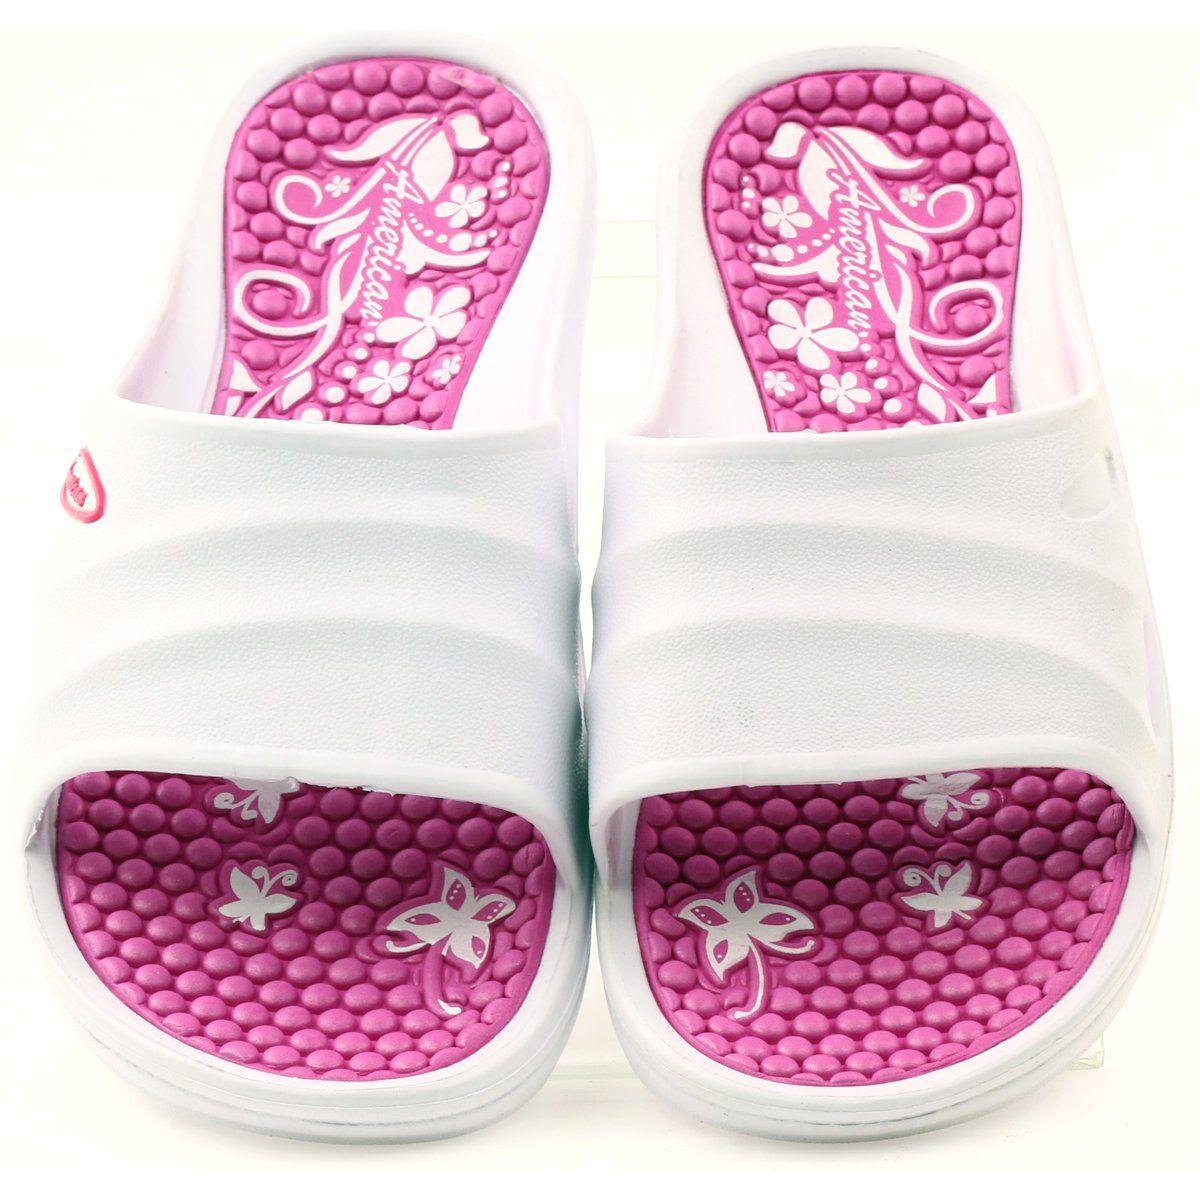 American Club Klapki Piankowe Na Basen American Biale Rozowe Vans Classic Slip On Sneaker Vans Classic Slip On Vans Classic